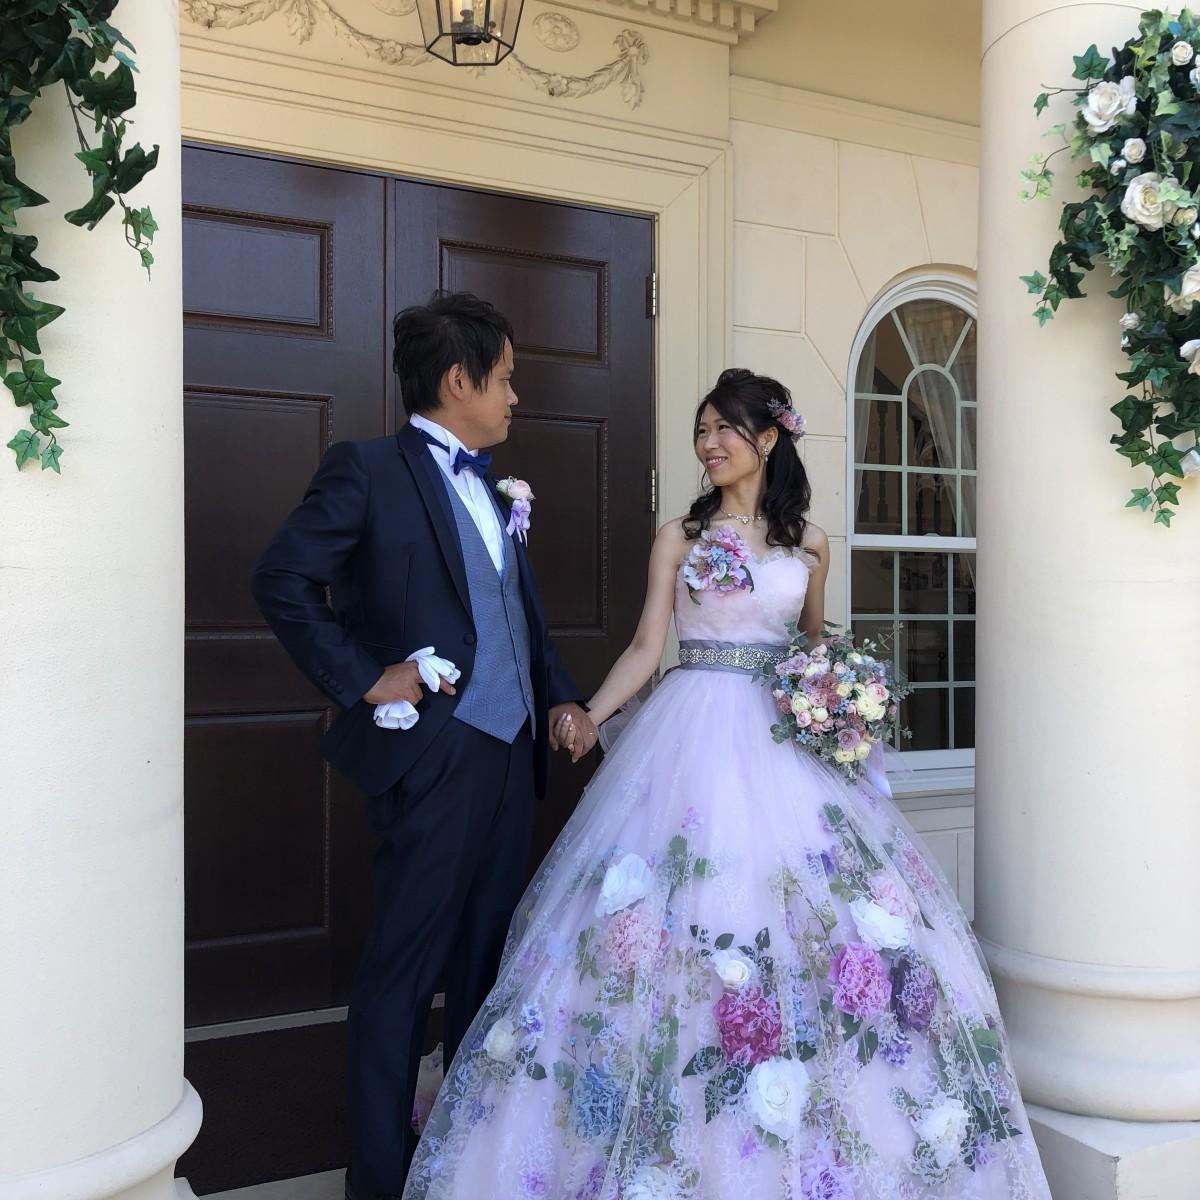 とても満足のいく最高の結婚式になりました